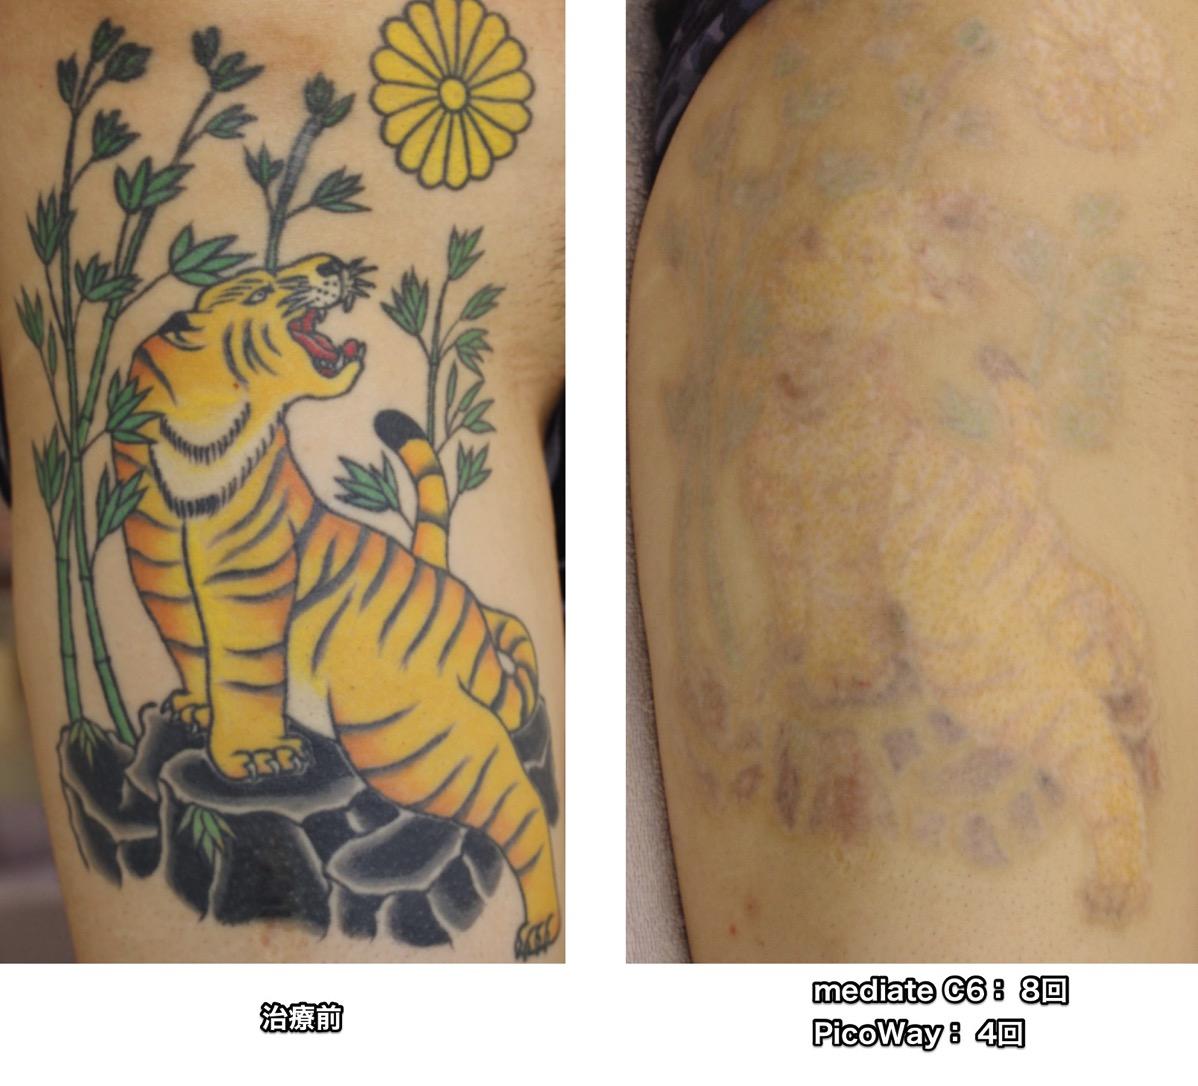 PicoWay マルチカラー 刺青 タトゥー